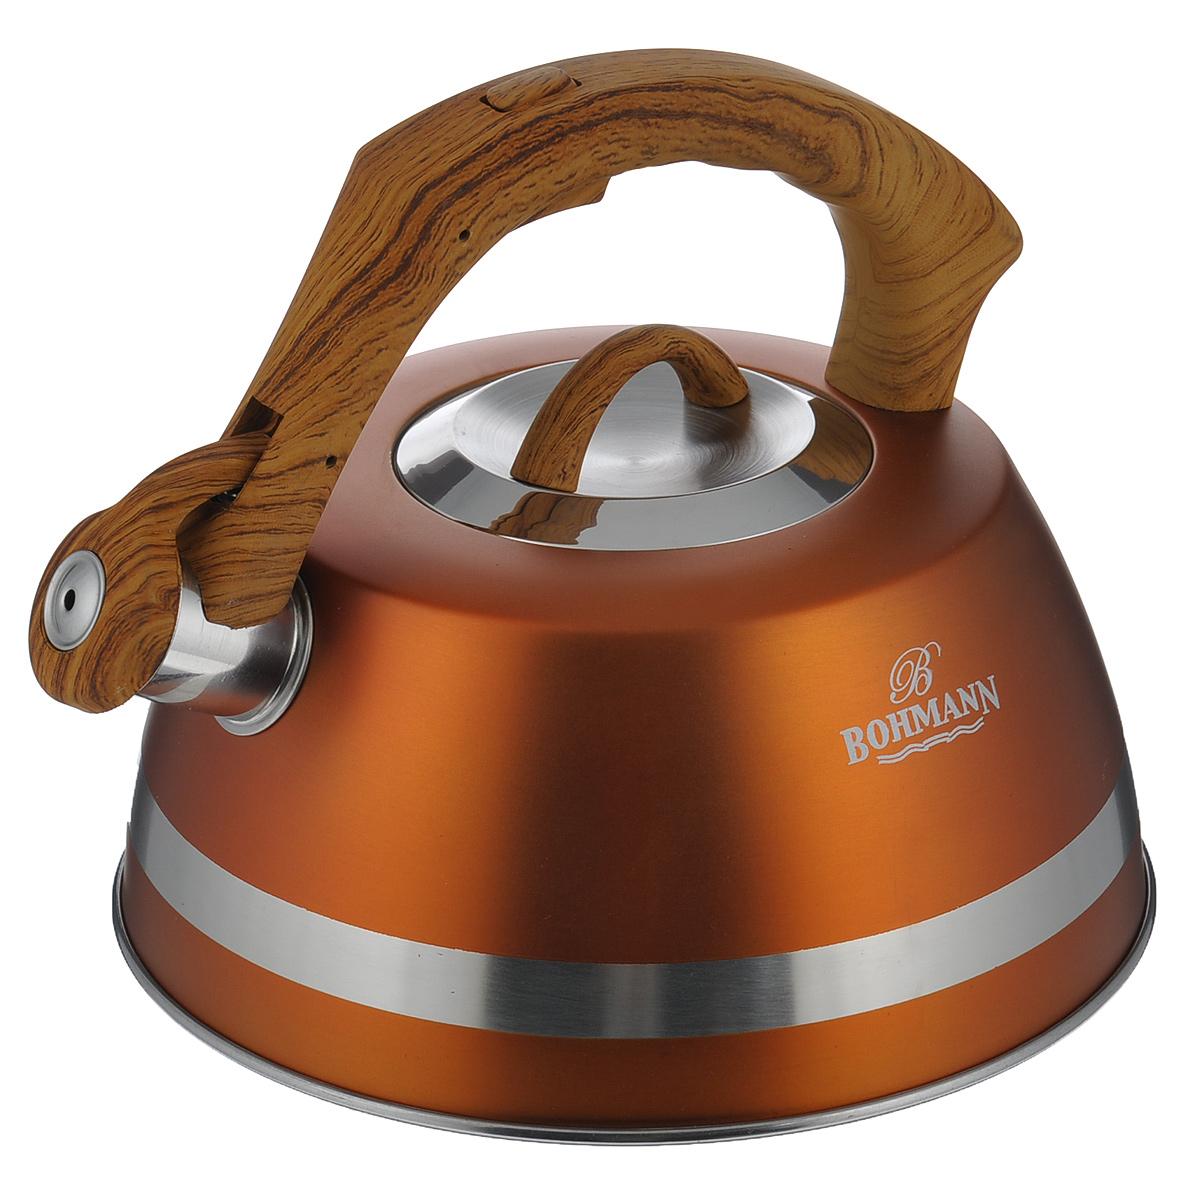 Чайник Bohmann со свистком, цвет: оранжевый, 3,5 л. BH - 9967BH - 9967Чайник Bohmann изготовлен из высококачественной нержавеющей стали с матовым цветным покрытием. Фиксированная ручка изготовлена из бакелита с прорезиненным покрытием. Носик чайника оснащен откидным свистком, звуковой сигнал которого подскажет, когда закипит вода. Свисток открывается нажатием кнопки на ручке.Чайник Bohmann - качественное исполнение и стильное решение для вашей кухни. Подходит для использования на газовых, стеклокерамических, электрических, галогеновых и индукционных плитах. Нельзя мыть в посудомоечной машине.